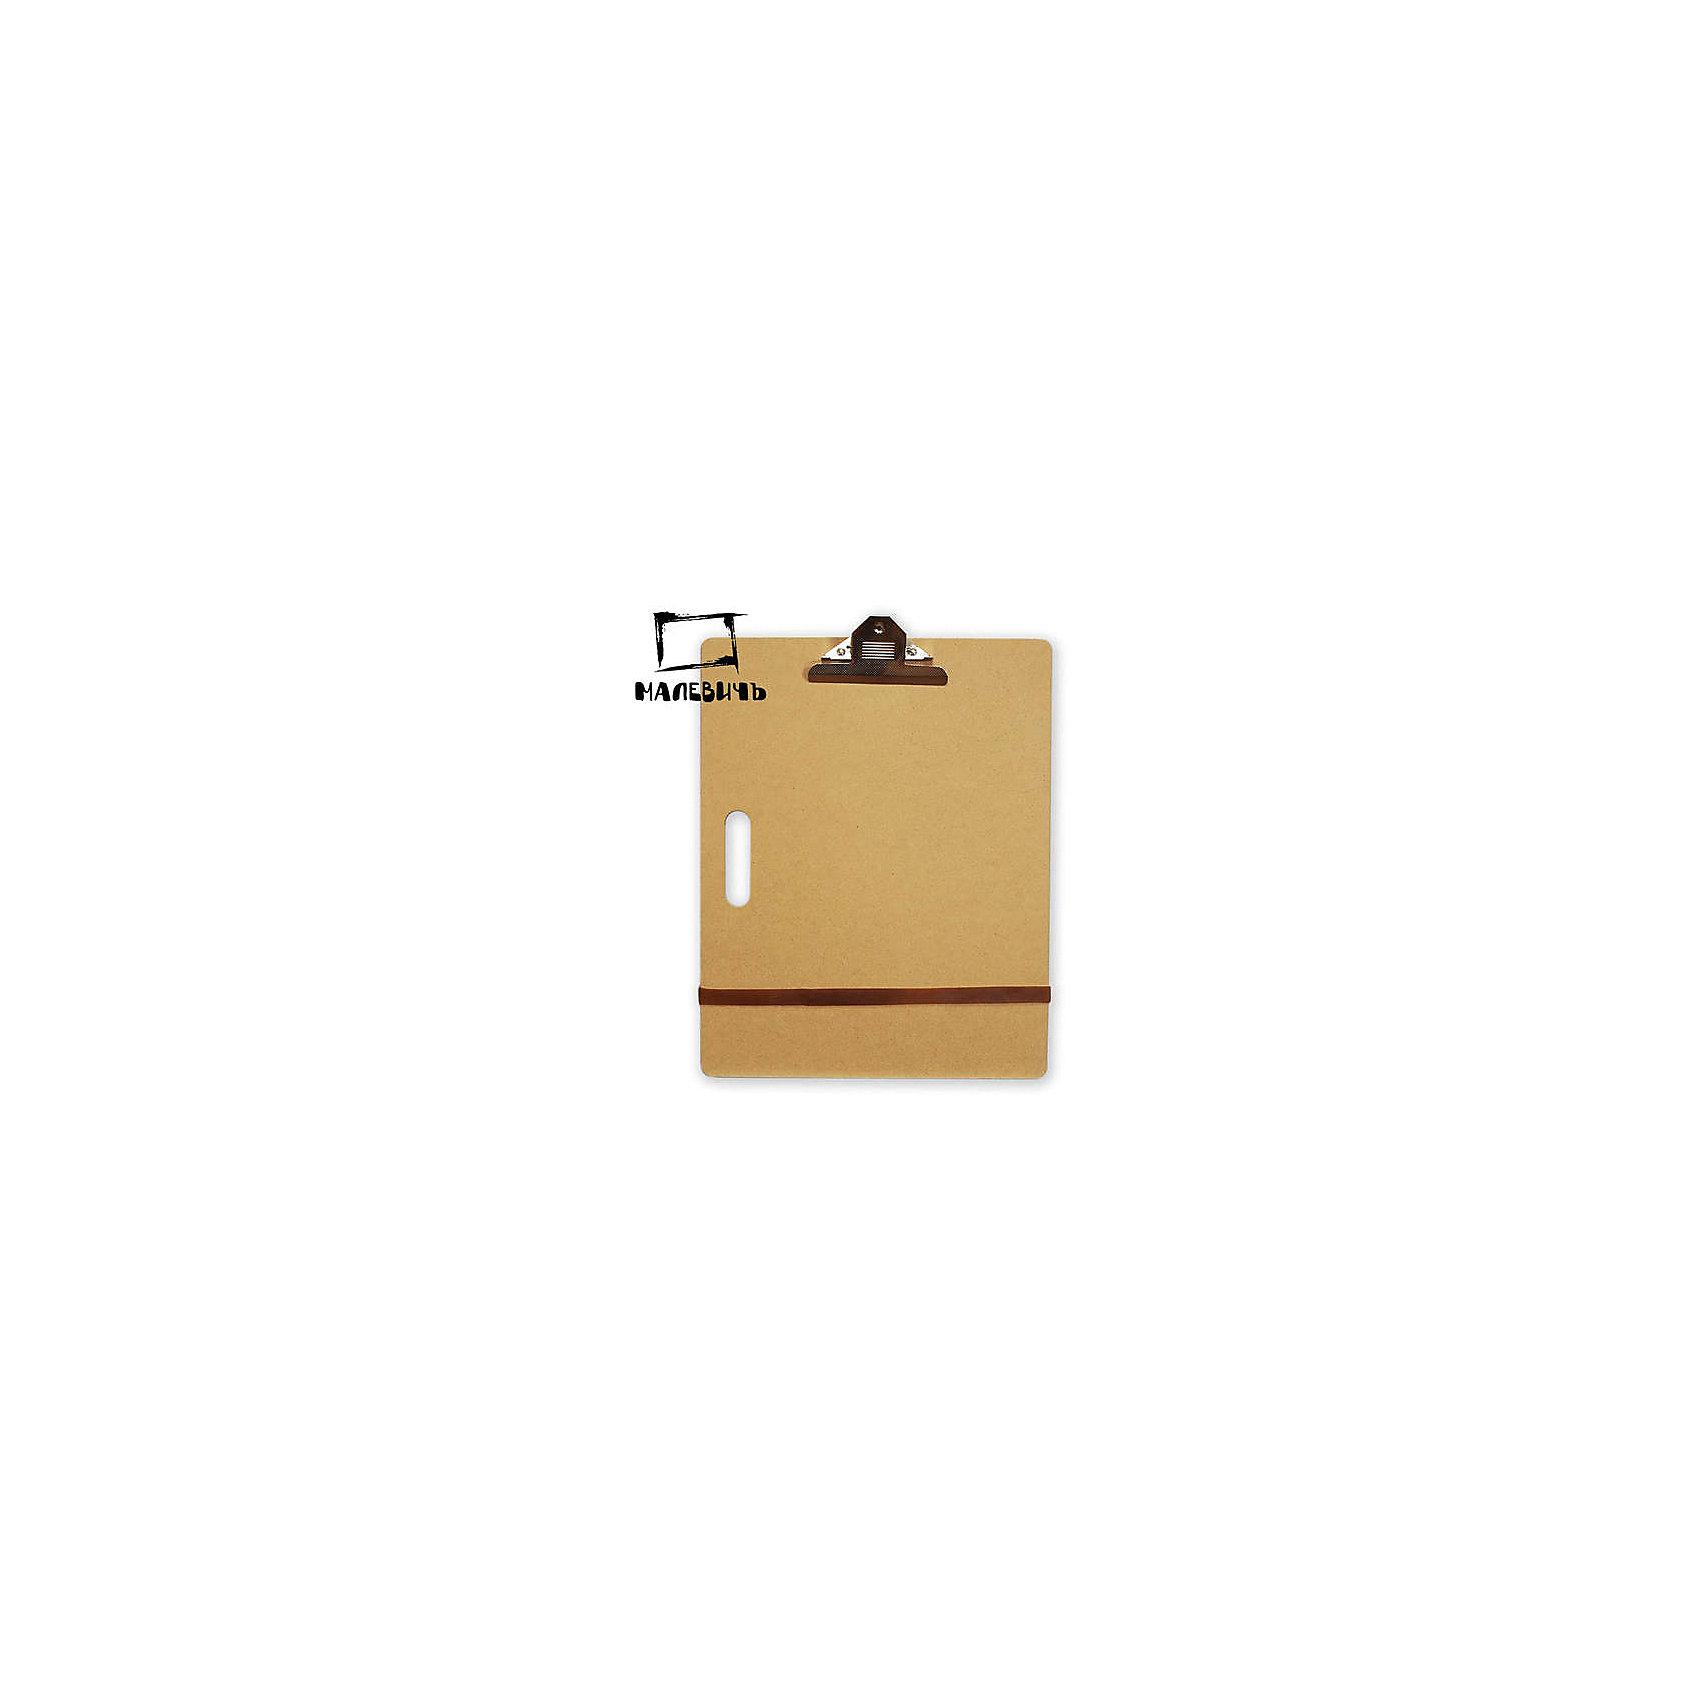 Планшет с зажимом А3 (36х46 см)Мольберты<br>Изготовленный из экологически чистого МДФ,  легкий и практичный планшет (клипборд) Малевичъ - настоящая находка для любителей эскизов и выездов на пленэр. Оснащен большим зажимом для бумаги, надежно удерживающими ее даже при сильном ветре. Небольшая толщина основы позволяет дополнительно закреплять лист необходимым количеством зажимов.  Гладкая поверхность подходит для работы с самой тонкой бумагой и гарантирует легкое скольжение карандашей, перьев или мелков. Небольшой формат А3 удобен для переноски, работы и хранения. Планшет подходит для любых графических материалов и имеет встроенную ручку для удобства переноски. Особенно пригодится такой клипборд студентам творческих специальностей и  художникам, любящим делать наброски на пленэре. <br><br>Планшет Малевичъ:<br><br>•    прочный и легкий<br>•    с идеально гладкой поверхностью <br>•    имеет удобную ручку для переноски и встроенный зажим для бумаги<br>•    не занимает  много места при хранении<br>•    подходит для работы на открытом воздухе и в студии<br><br>Ширина мм: 460<br>Глубина мм: 365<br>Высота мм: 5<br>Вес г: 710<br>Возраст от месяцев: 84<br>Возраст до месяцев: 2147483647<br>Пол: Унисекс<br>Возраст: Детский<br>SKU: 6757453